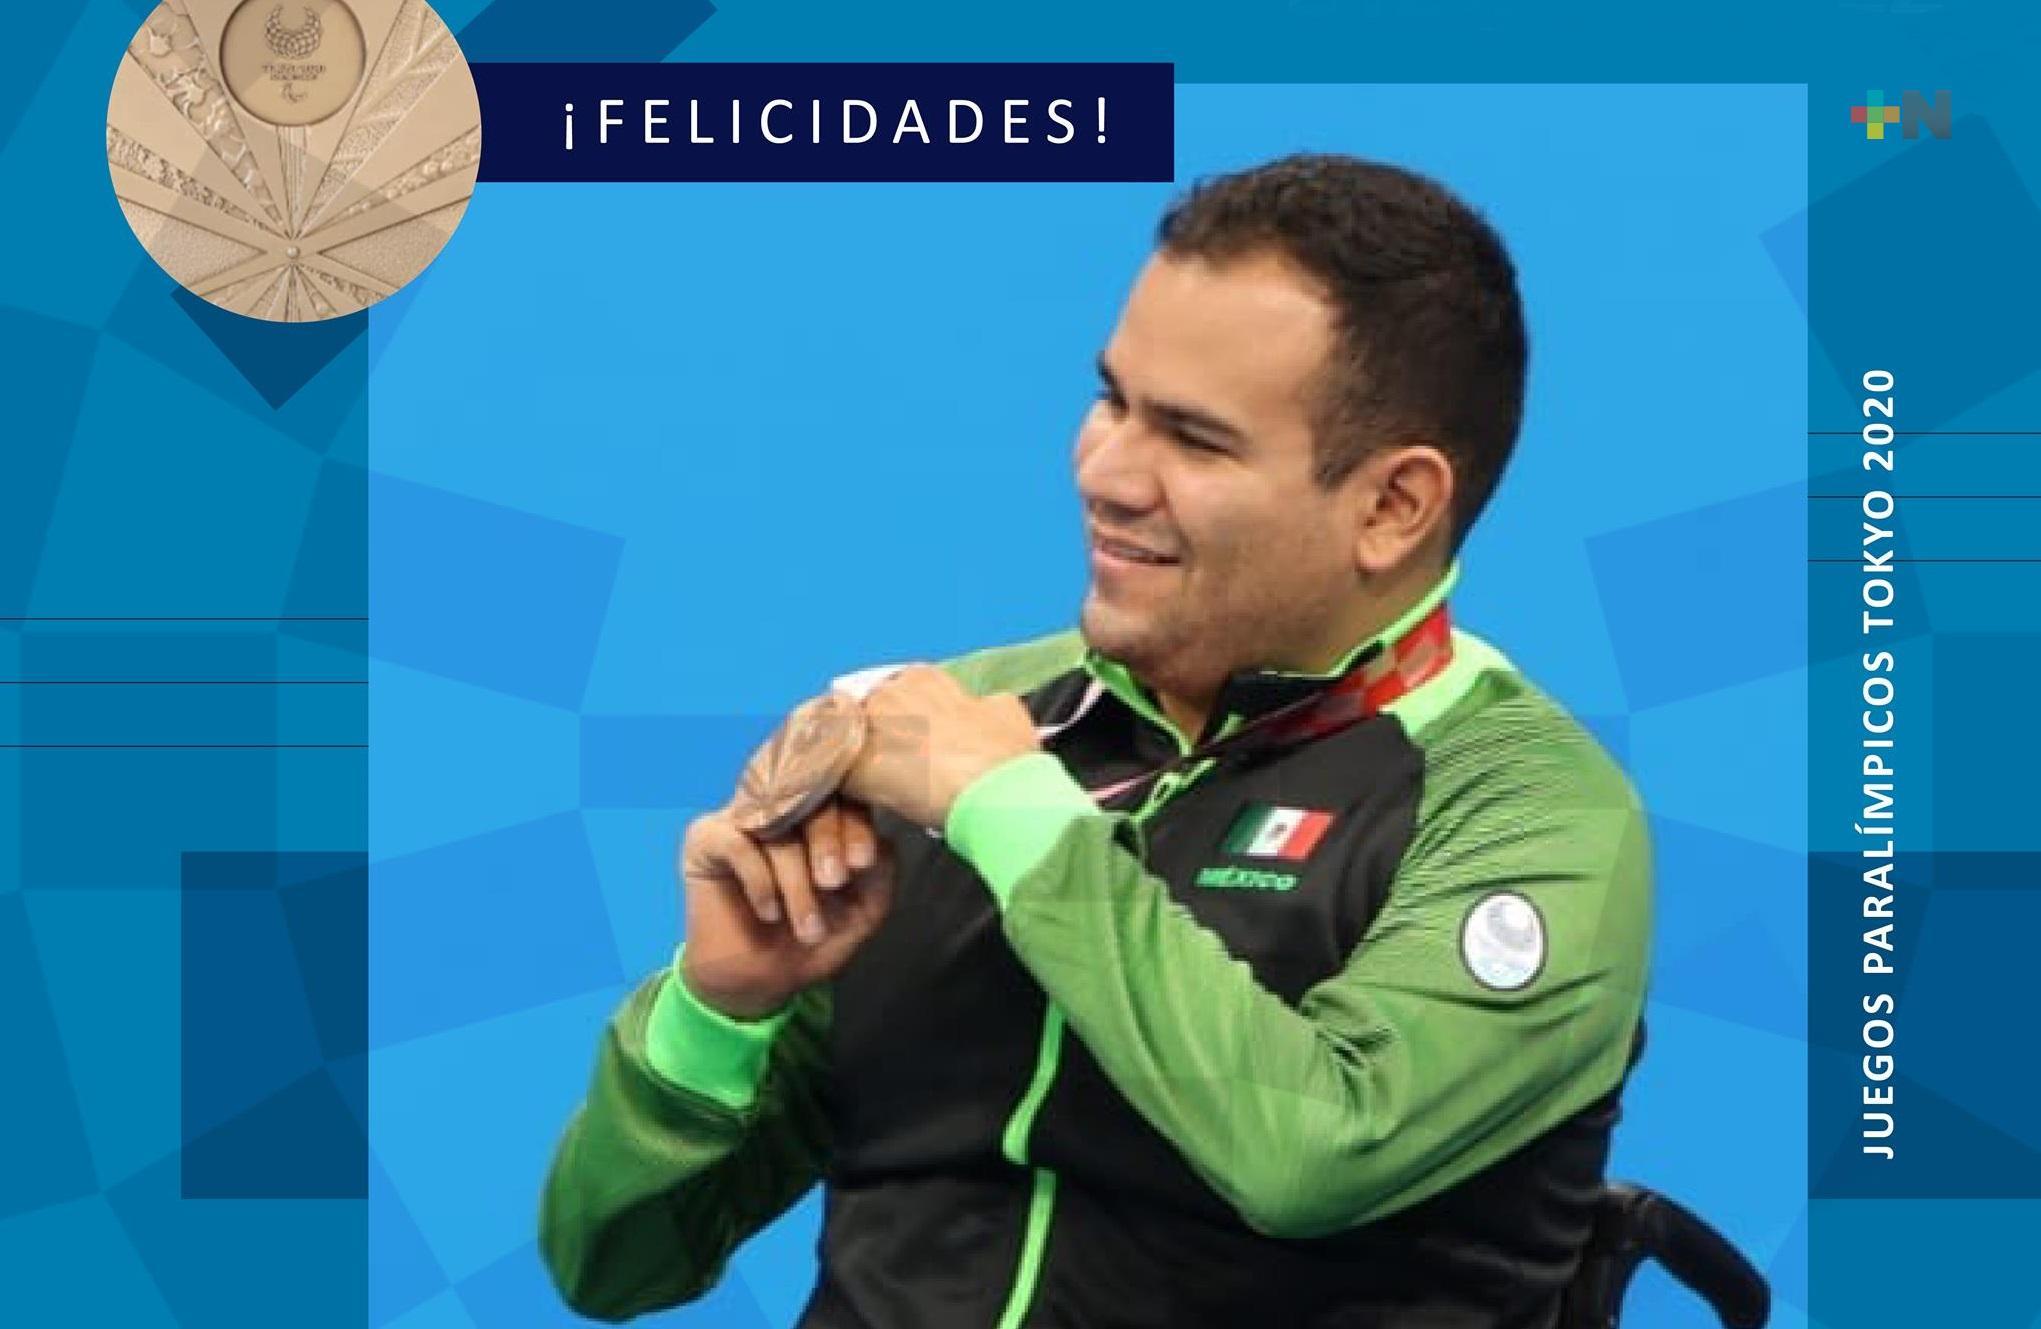 El veracruzano Diego López ganó bronce en Juegos Paralímpicos «Tokio 2020»